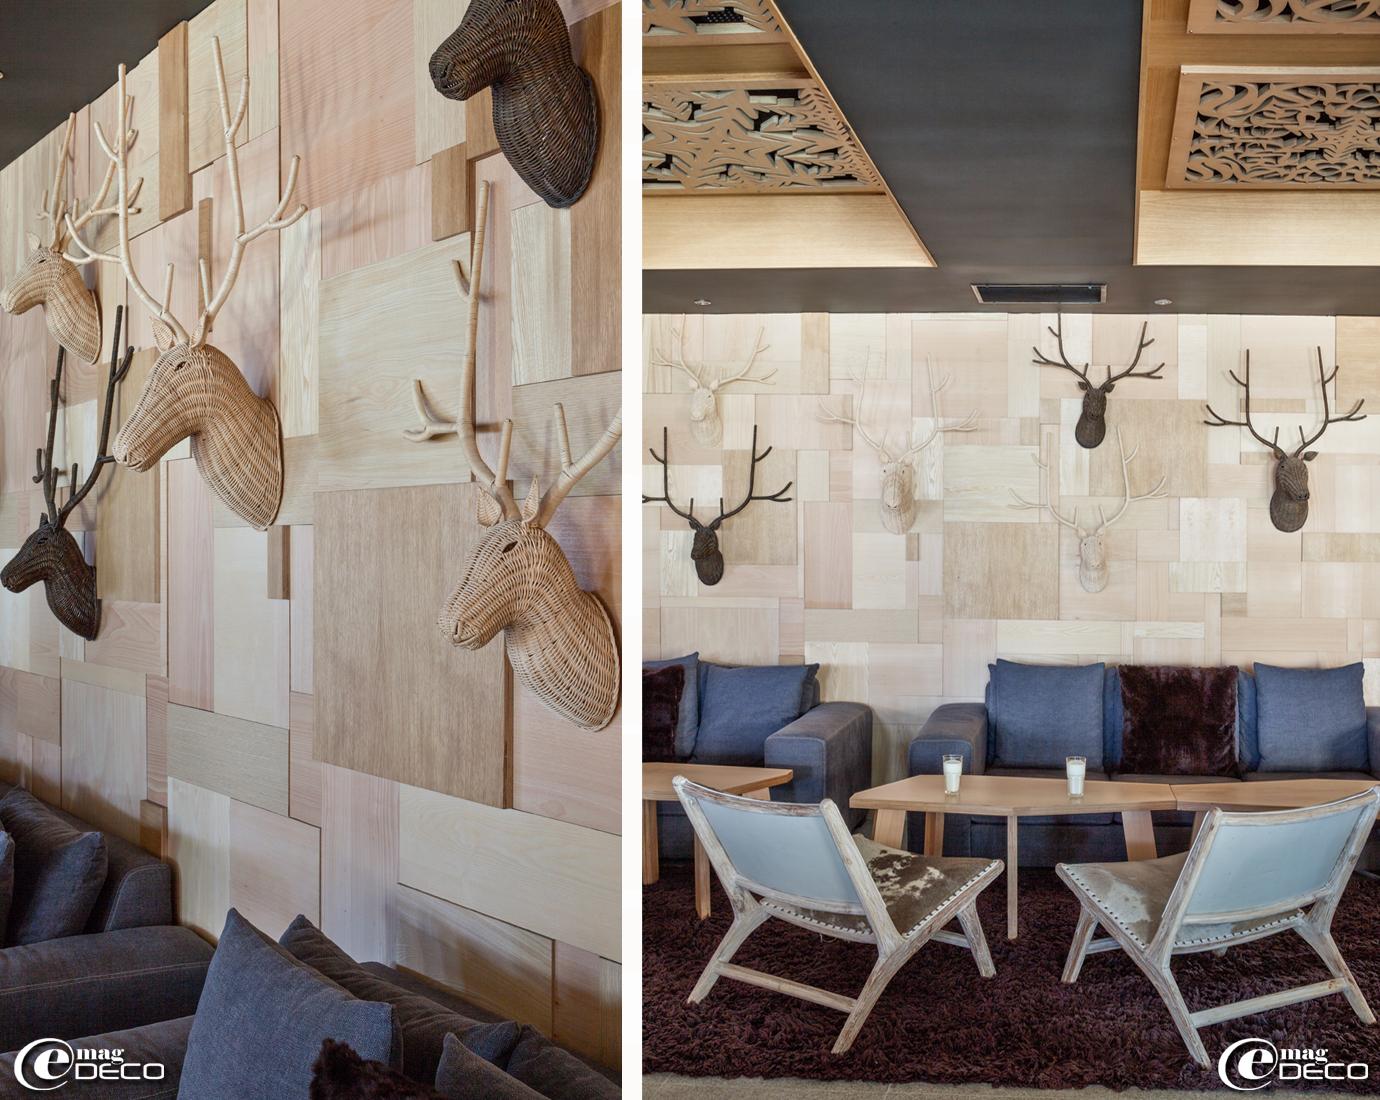 Têtes de cerfs en osier en guise de trophées de chasse, créations 'Un brin d'osier' à Carpentras, exposées dans l'hôtel 'Altapura' à Val Thorens